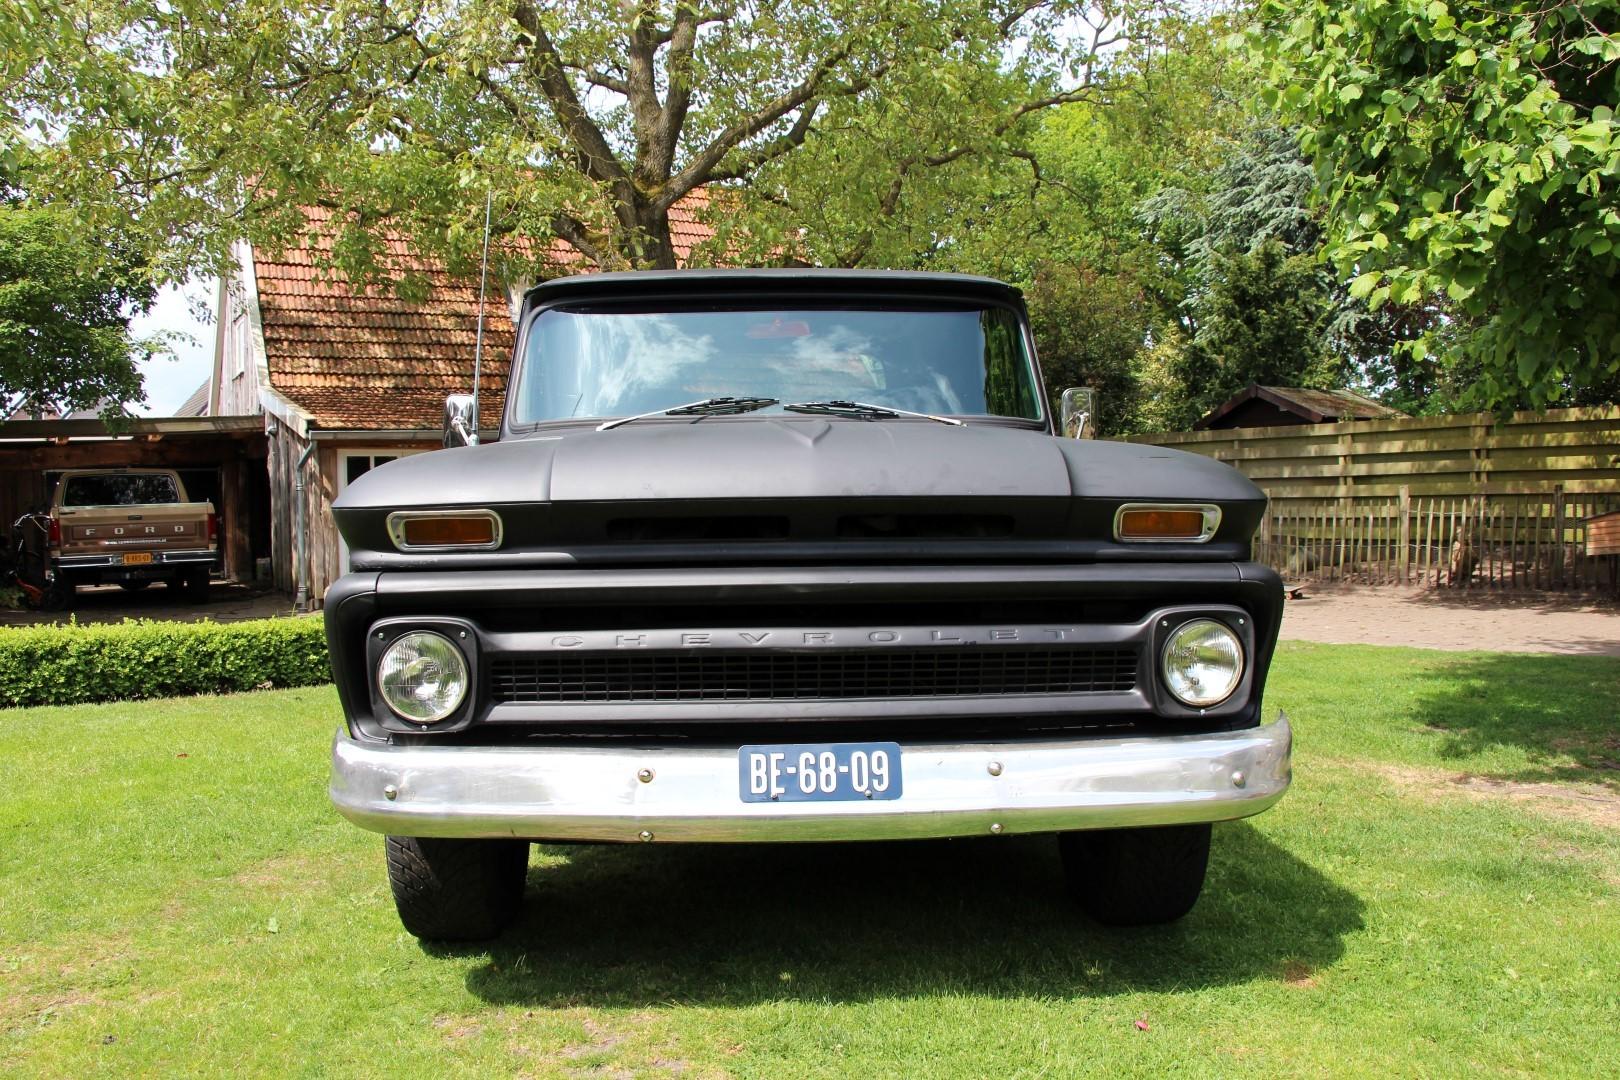 1964 Chevy C10 Engine Diagram as well 1966 Cadillac Vin Location furthermore Search together with 2040cars likewise Aw1hz2uqc3bvcnr0cnvjaypjb218znwxnzu1nti1msb3nzuwihn0mhwwota2c3rfmdlfeiaxotg0x2nozxz5x2mxmcbjdxn0b21fdhj1y2tfymvkkm zw c3bvcnr0cnvjaypjb218zmvhdhvyzwr2zwhpy2xlc3xjagv2exwwota2c3rfm 4nf9jagv2ev9jmtb8cghvdg9fmdkqahrtba. on 1963 chevrolet c10 long bed pick up